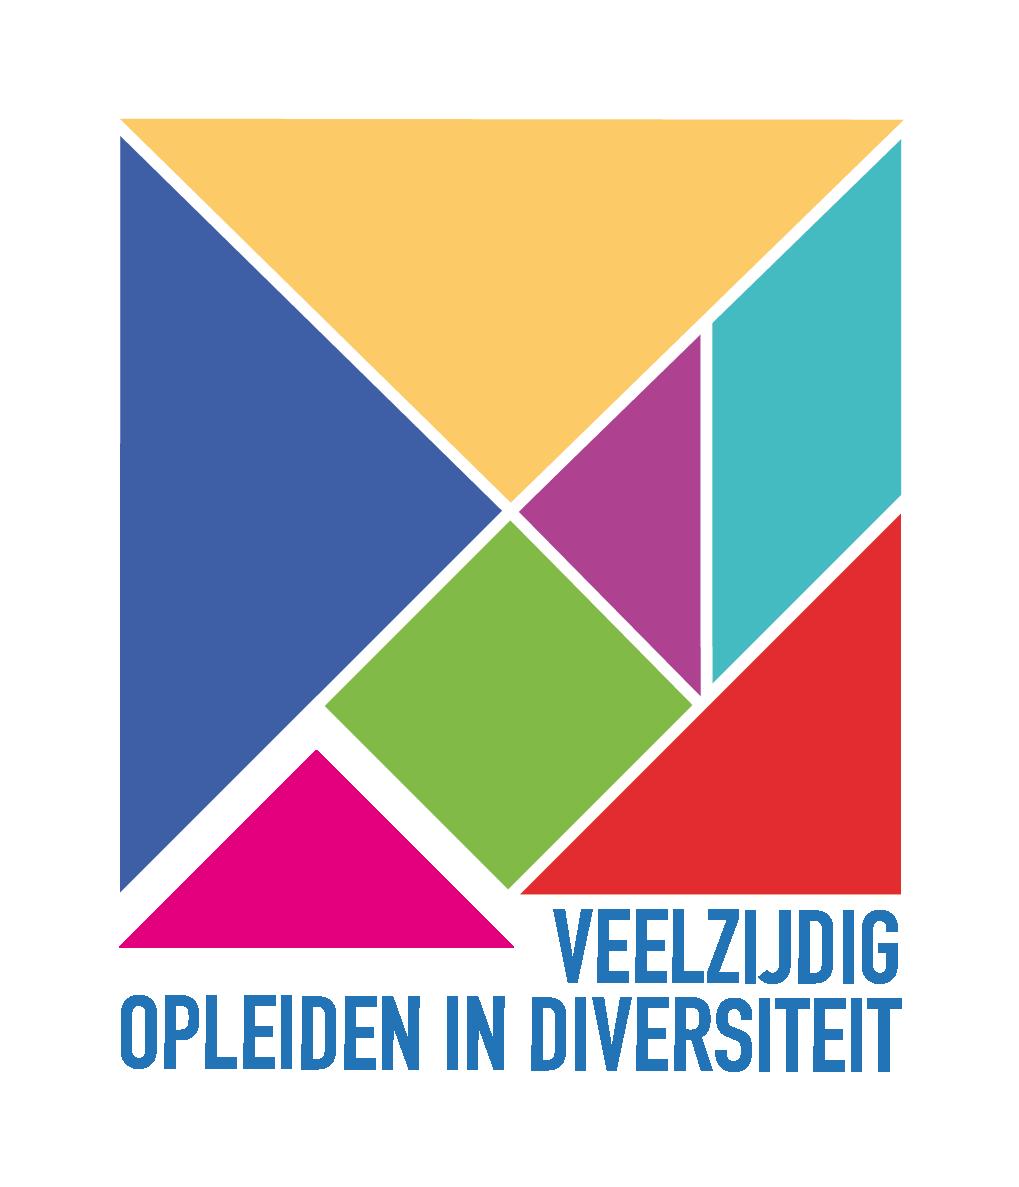 Veelzijdig Opleiden in diversiteit